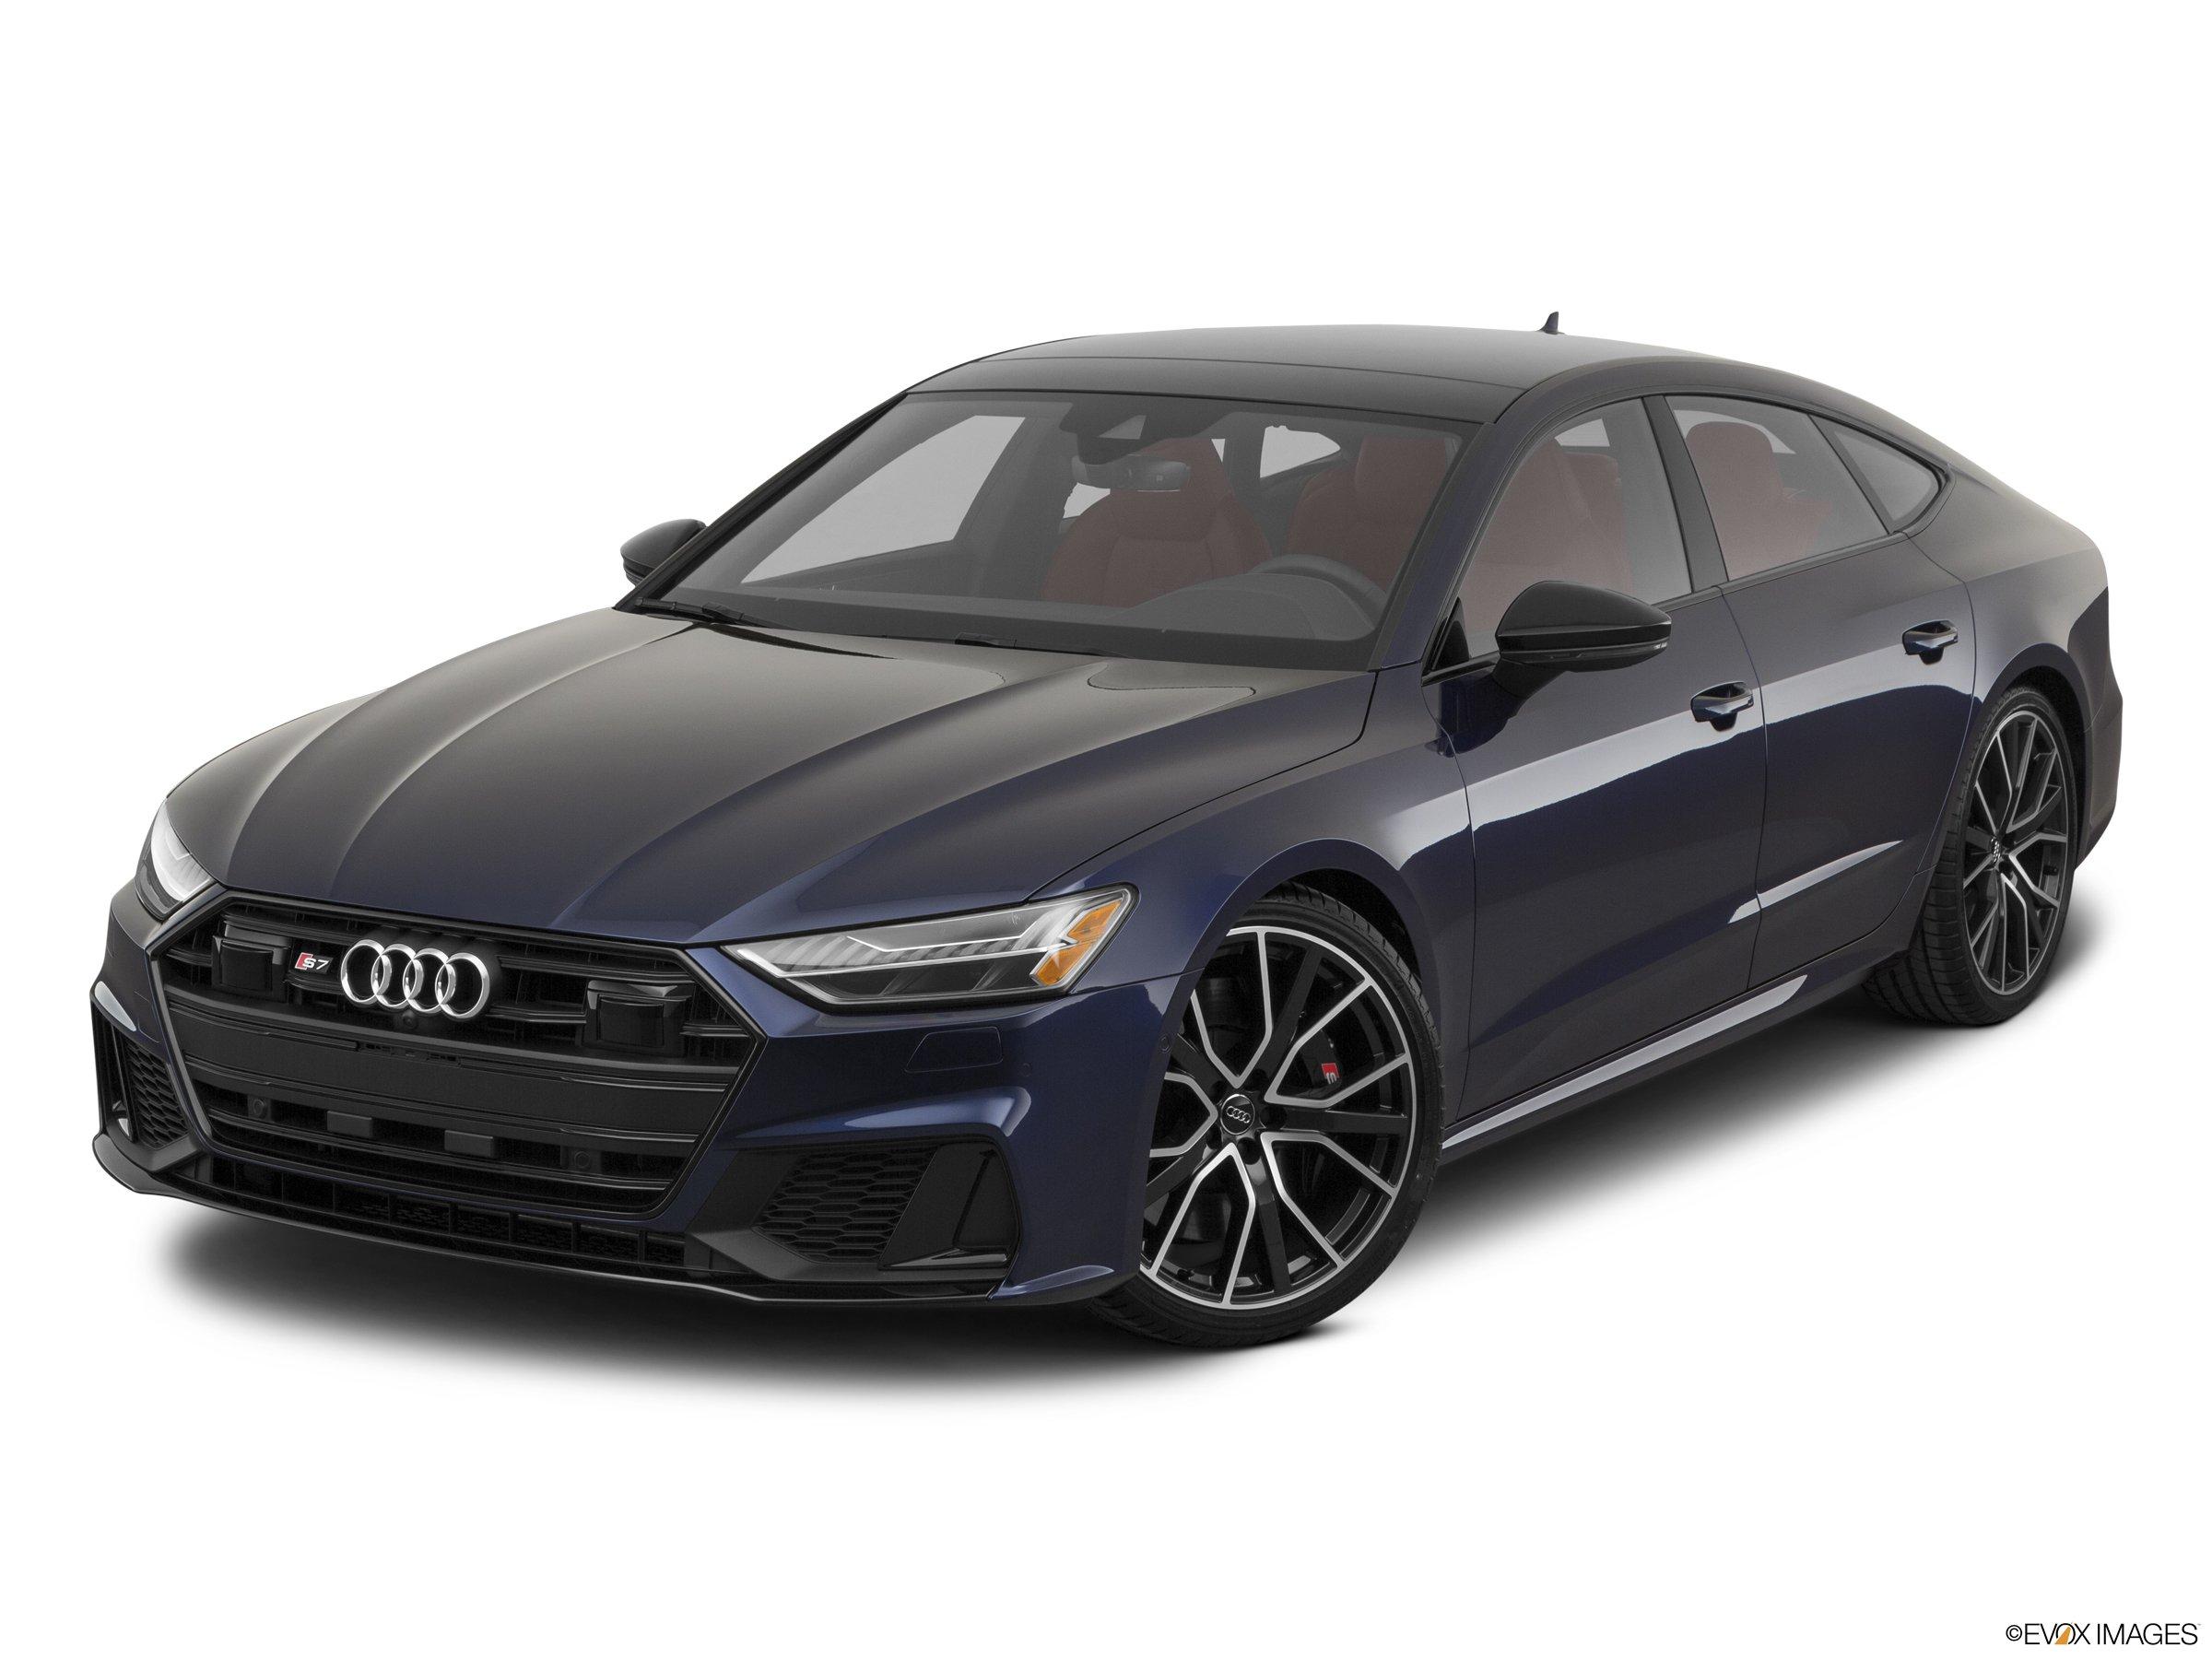 2020 Audi S7 Premium Plus AWD sedan